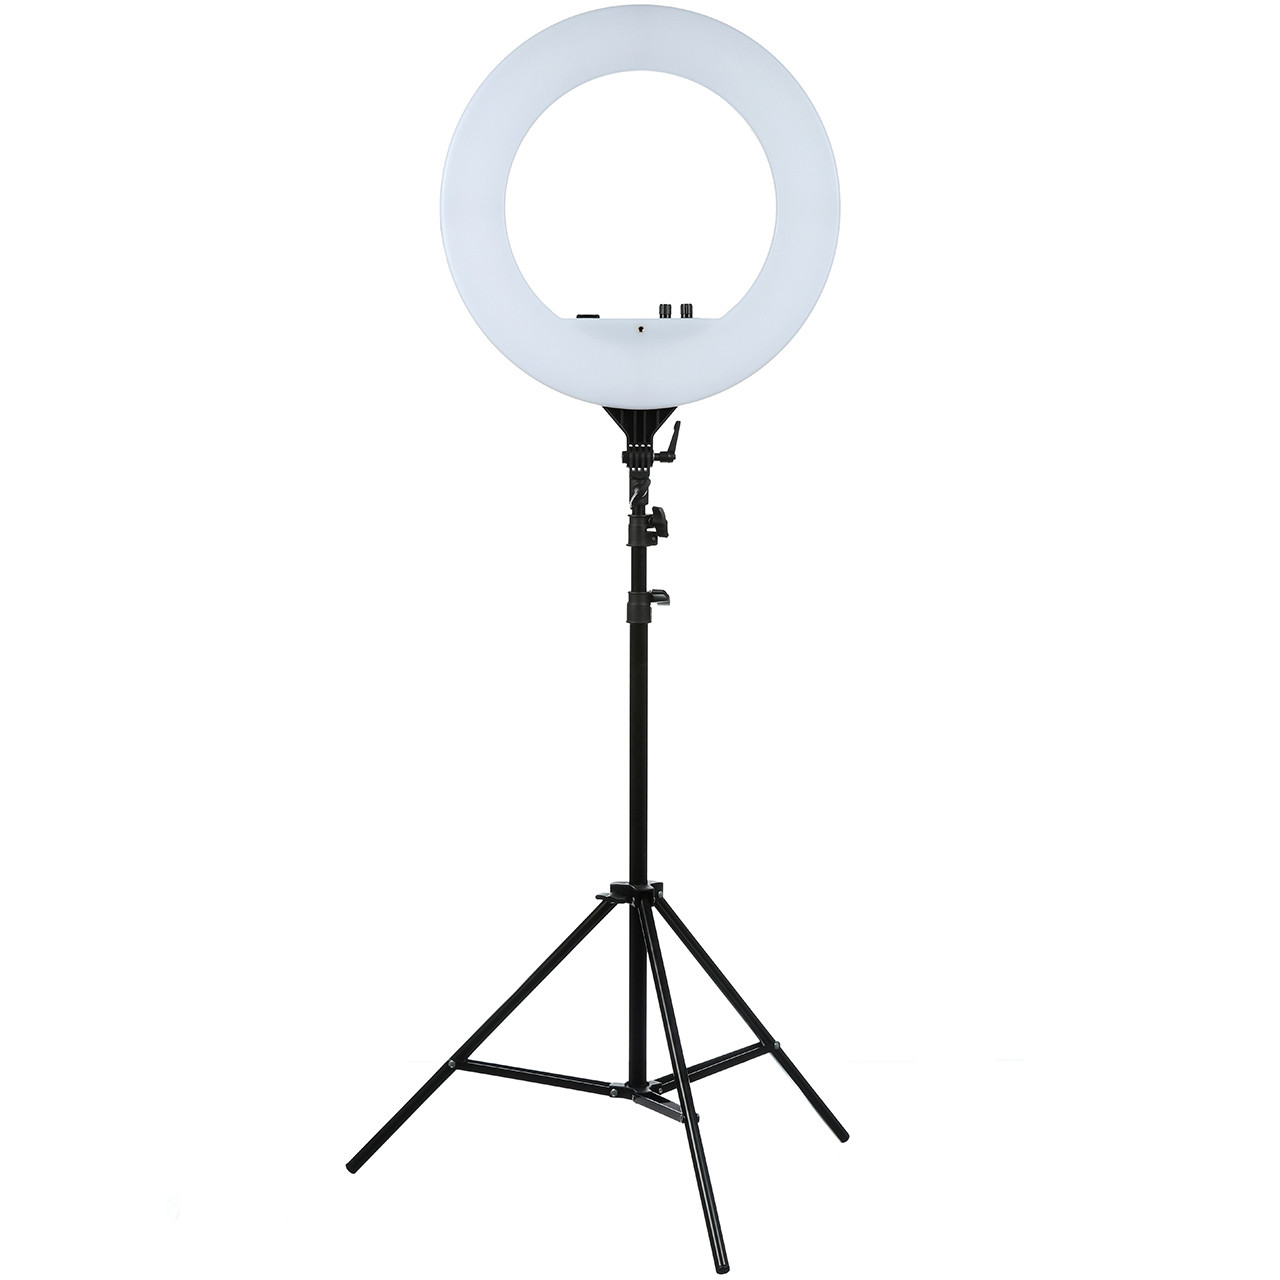 Кольцевая лампа Master Professional S-3 RL-18